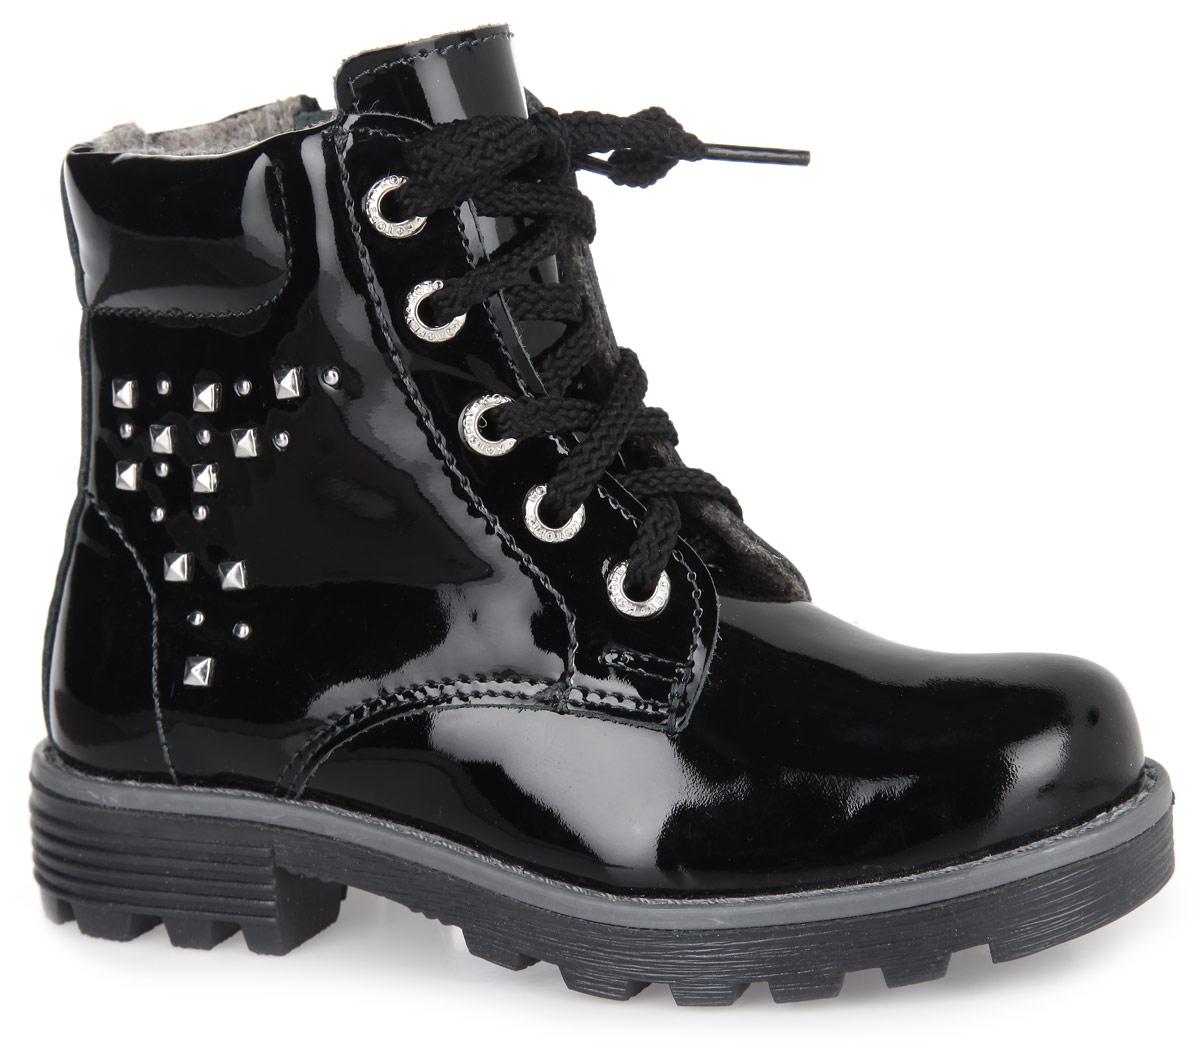 552043-32Стильные ботинки от Котофей придутся по душе вашей девочке. Модель, выполненная из натуральной лакированной кожи, оформлена вдоль ранта крупной прострочкой, сбоку - металлическими заклепками. Подкладка и стелька из байки не дадут ногам замерзнуть. Удобная боковая застежка-молния позволяет легко обувать и снимать ботинки, а функциональная шнуровка обеспечит идеальную фиксацию обуви на ноге. Подошва и каблук с протектором гарантируют оптимальное сцепление с поверхностью. Удобная колодка обеспечивает комфорт во время долгих осенних прогулок.